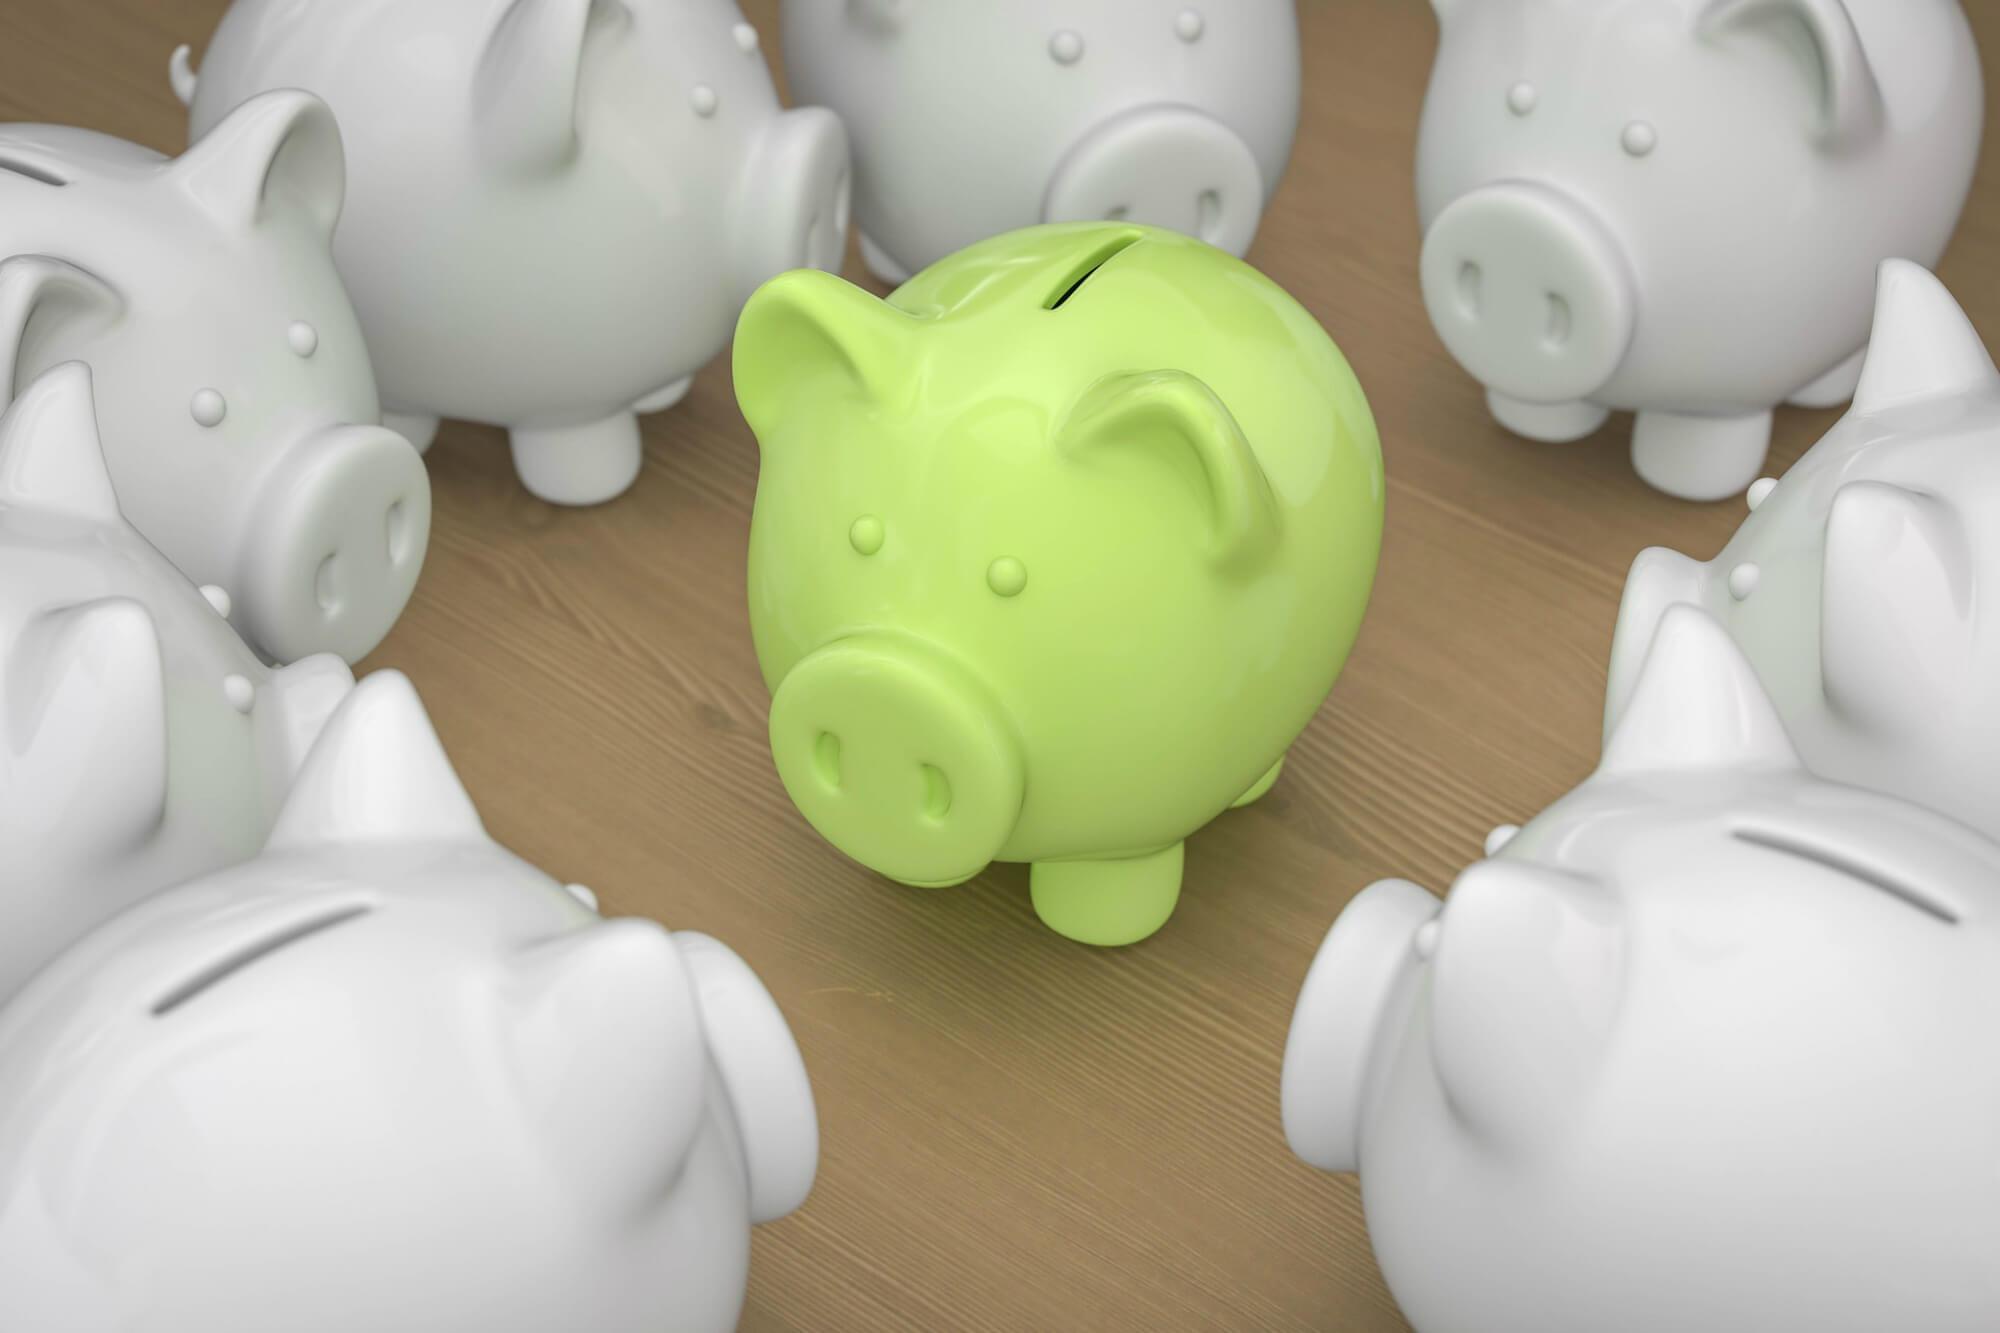 franquias baratas que custam menos de 25 mil reais